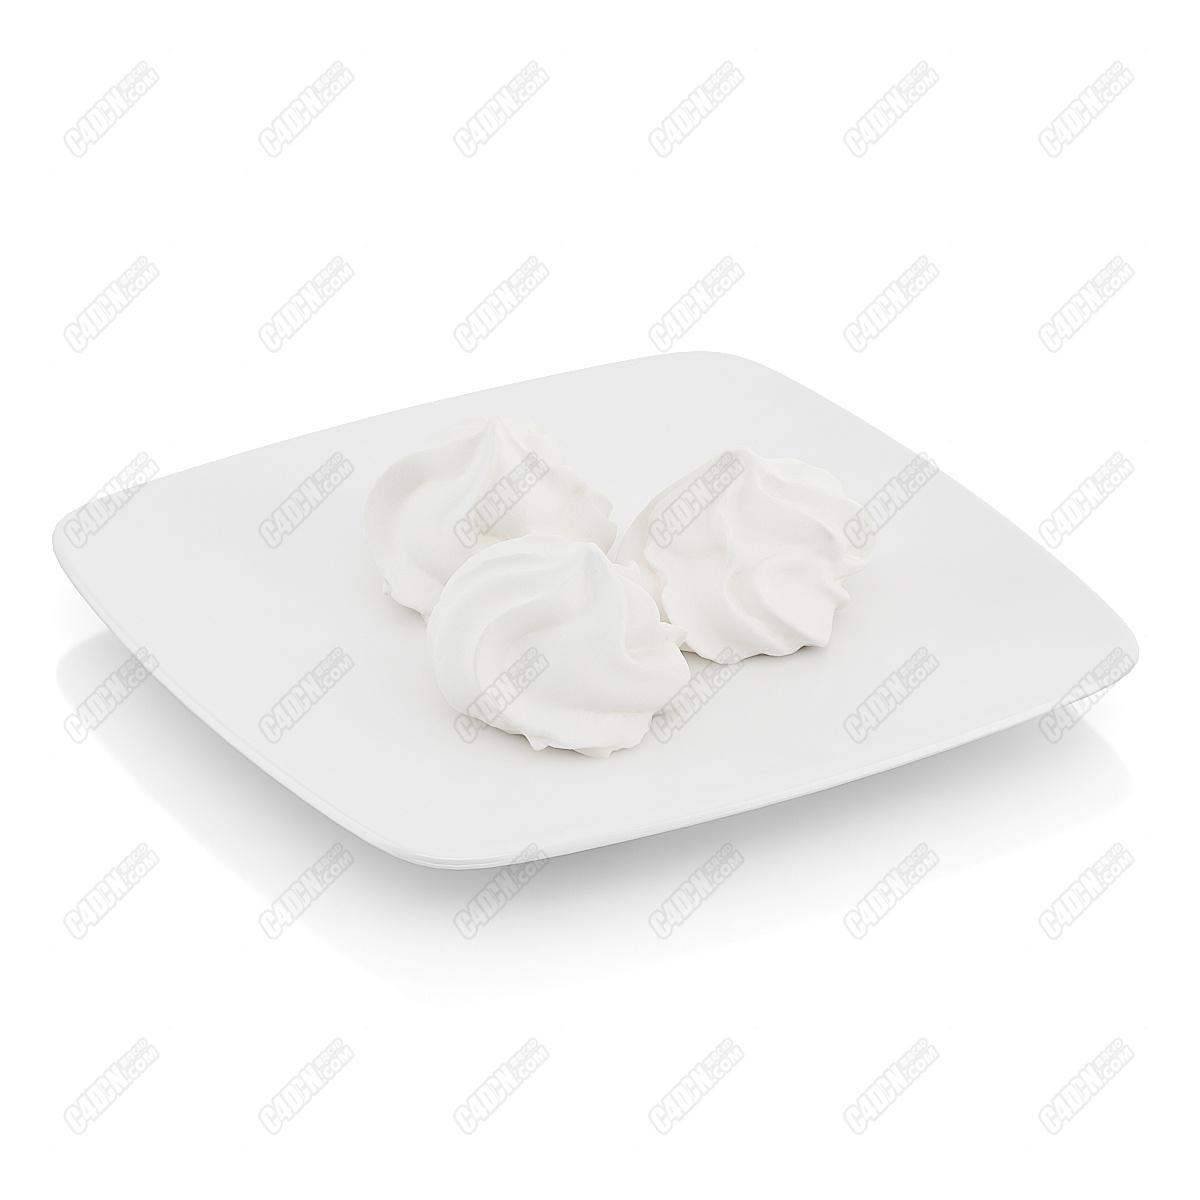 C4D模型-三块奶油冰淇淋甜品拌料(包含材质和贴图) Ice cream dessert